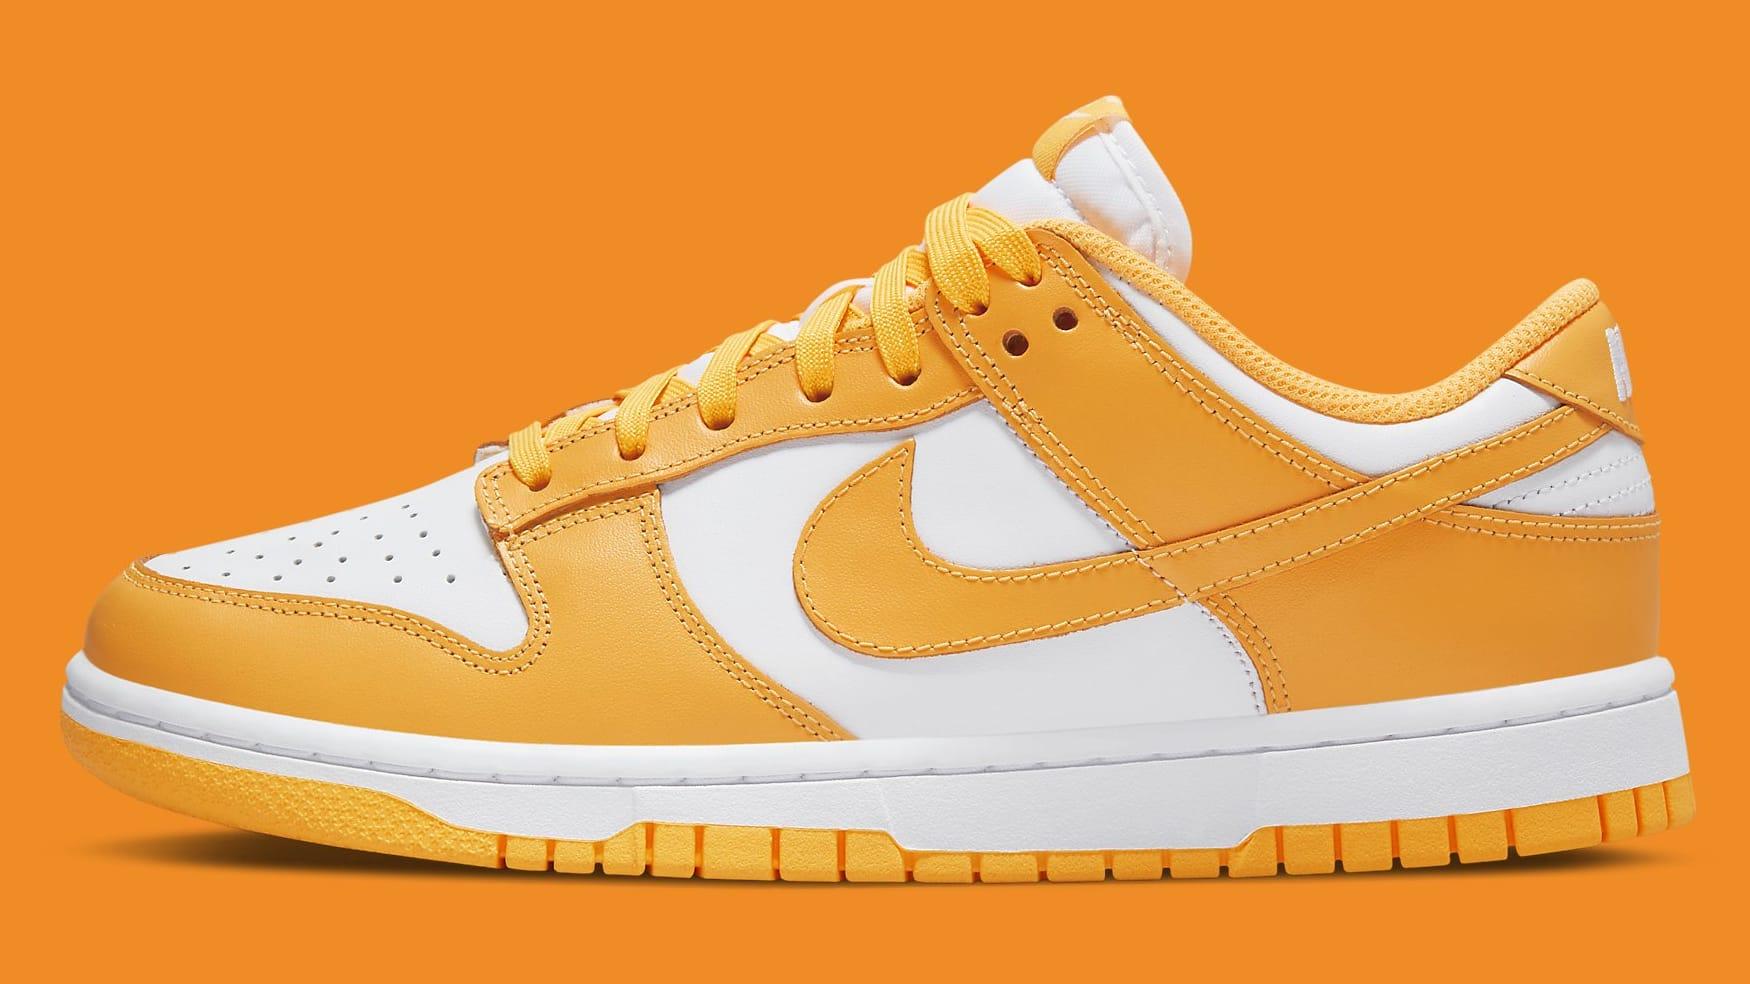 Nike Dunk Low Laser Orange Release Date DD1503-800 Profile